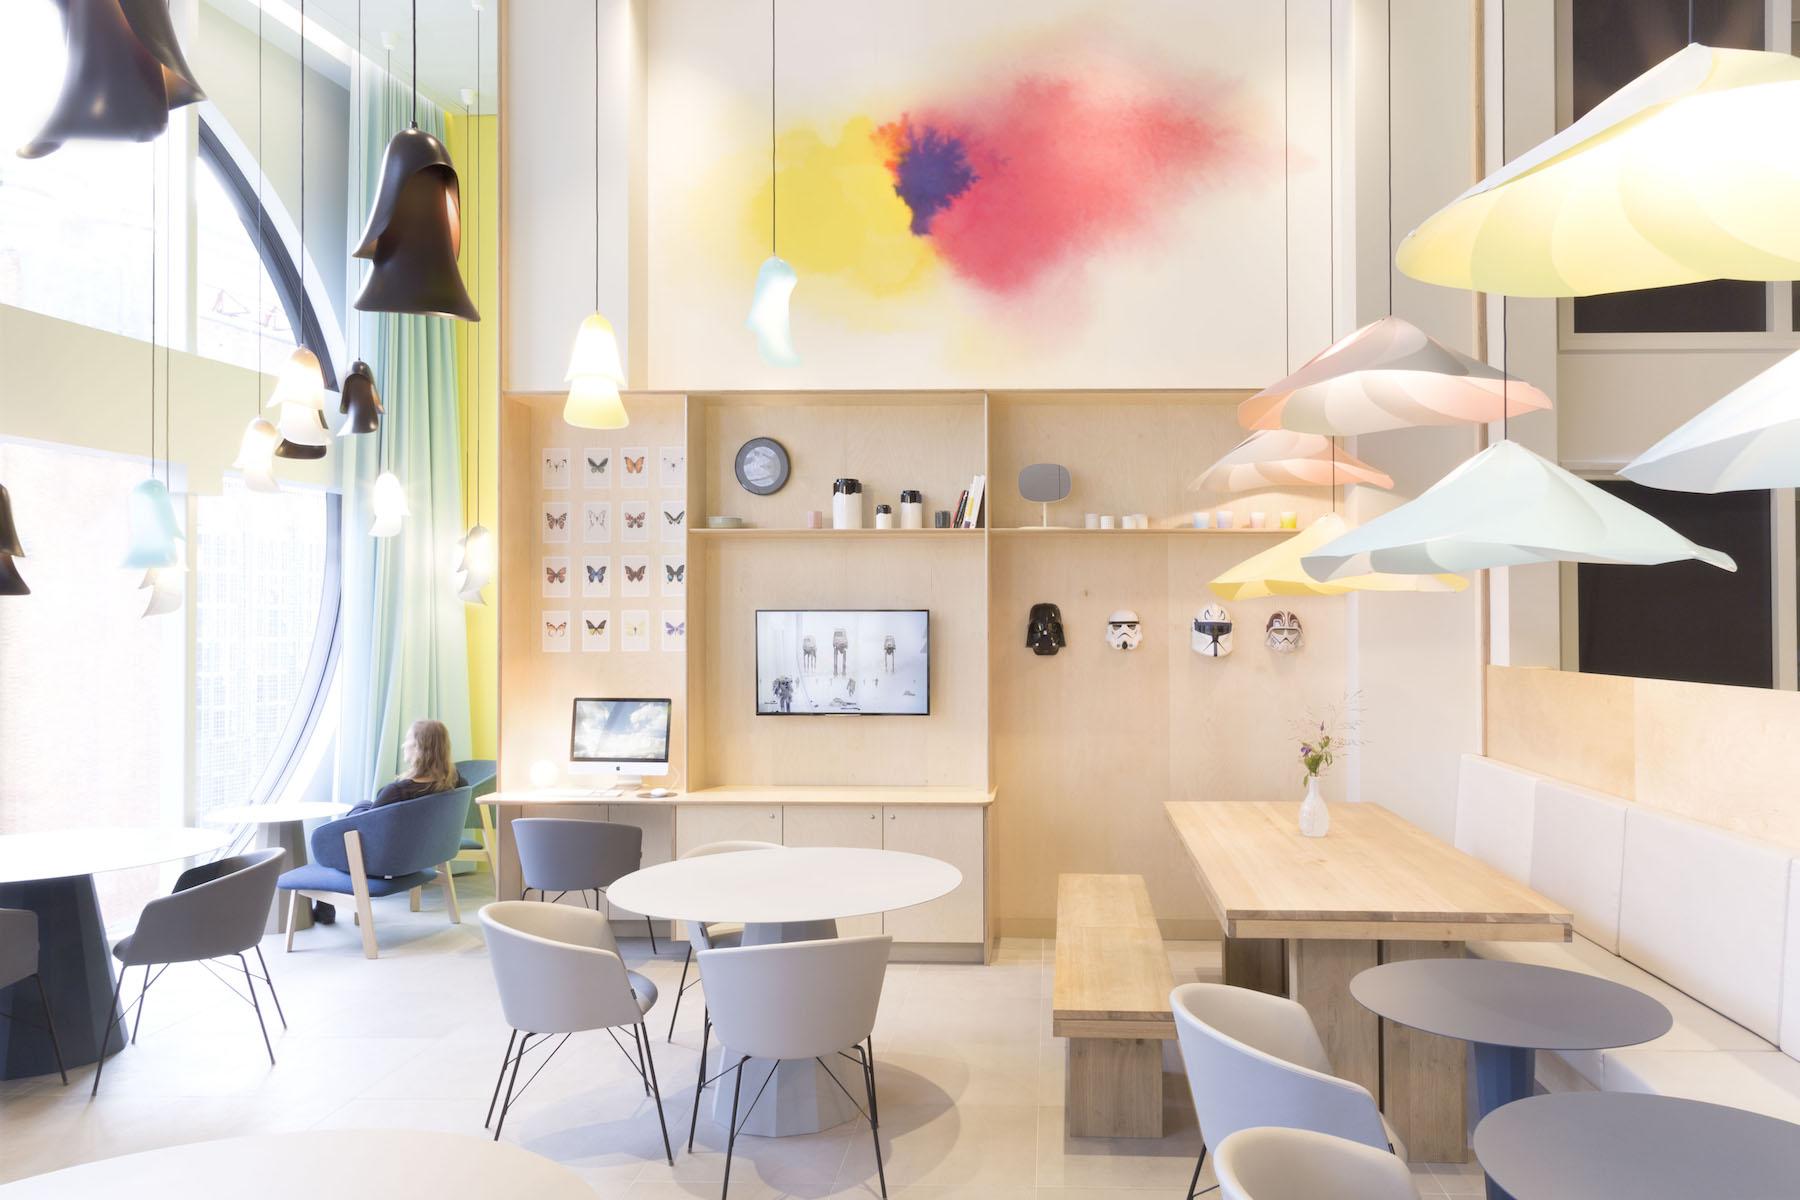 Suite Novotel, La Haye, conception du lobby et du restaurant, 2015, image © Constance Guisset Studio